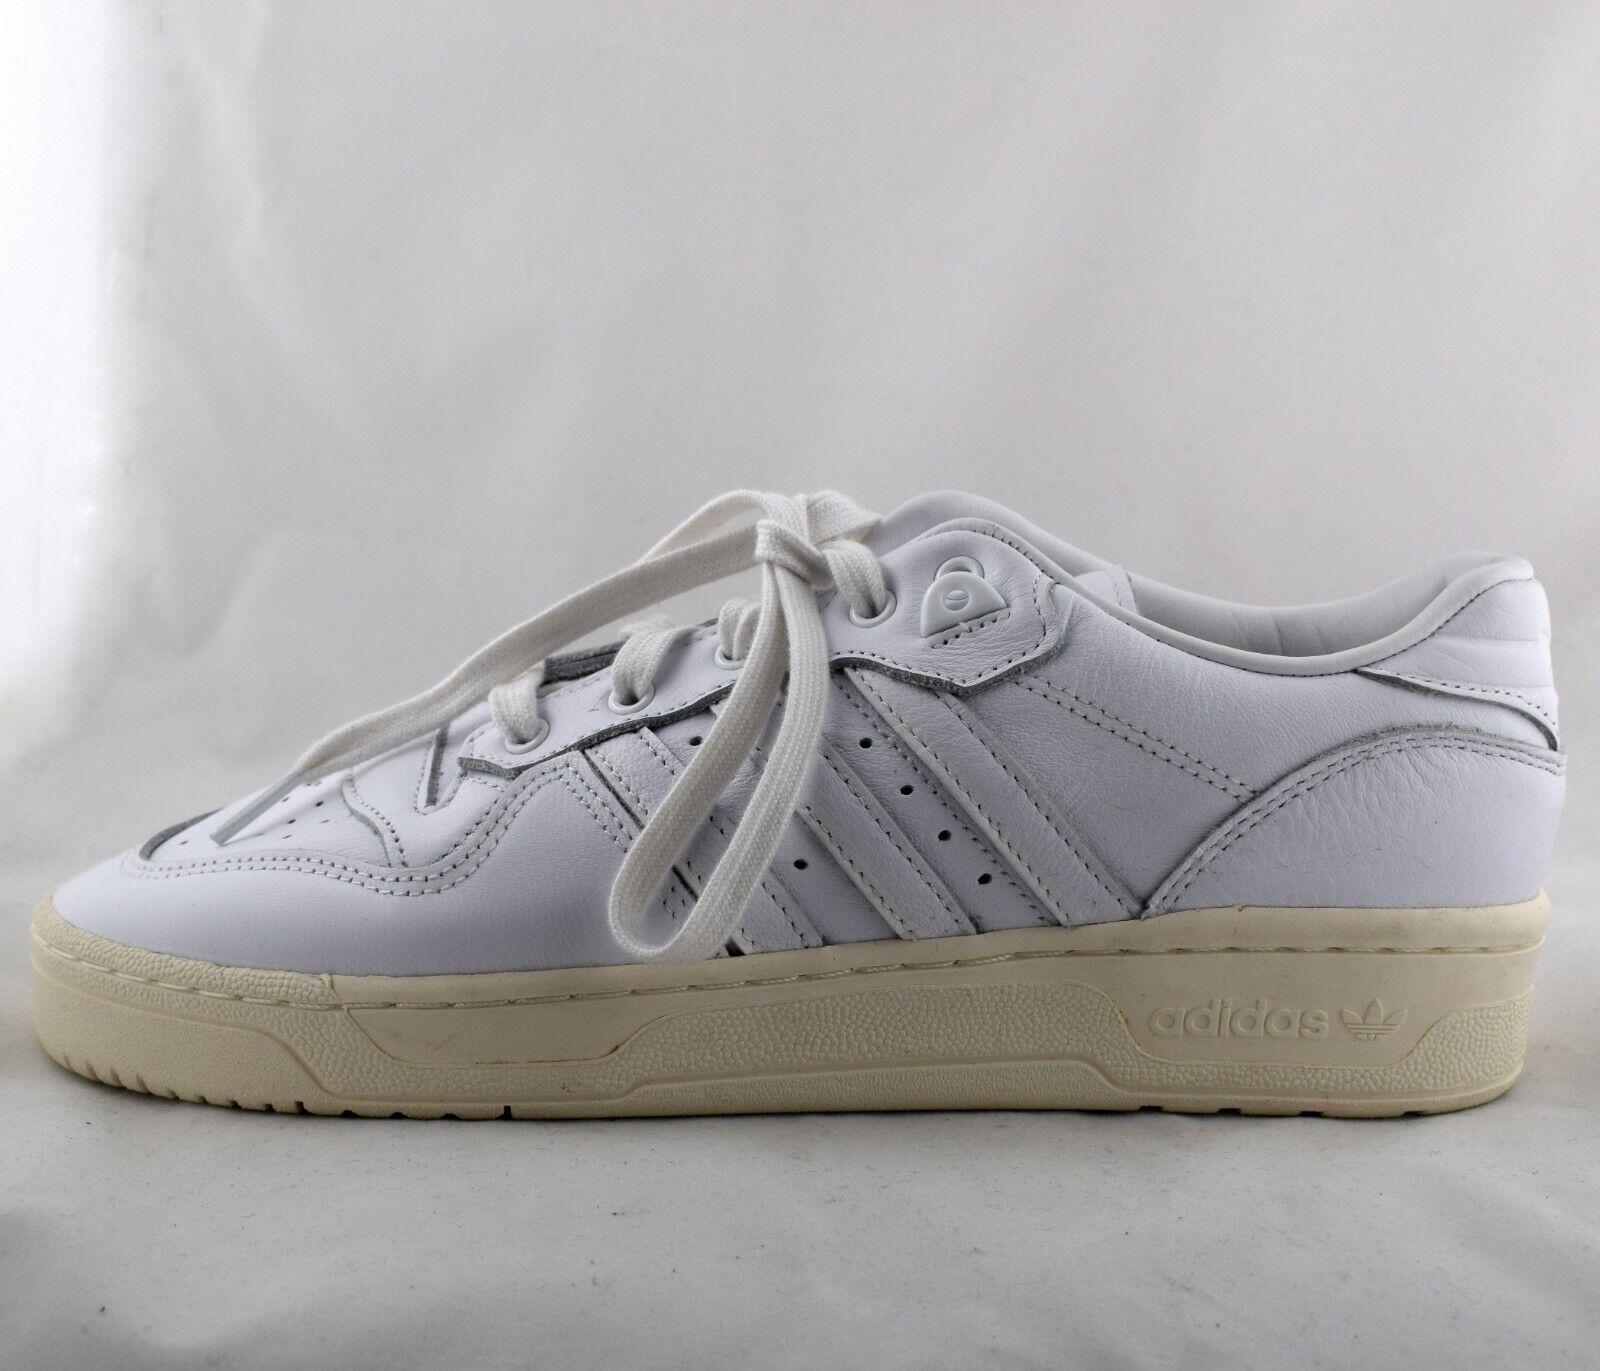 Brandneu Adidas Rivalry Niedrig Herren Schuhe in Wolke Weiss UK Größe 8.5